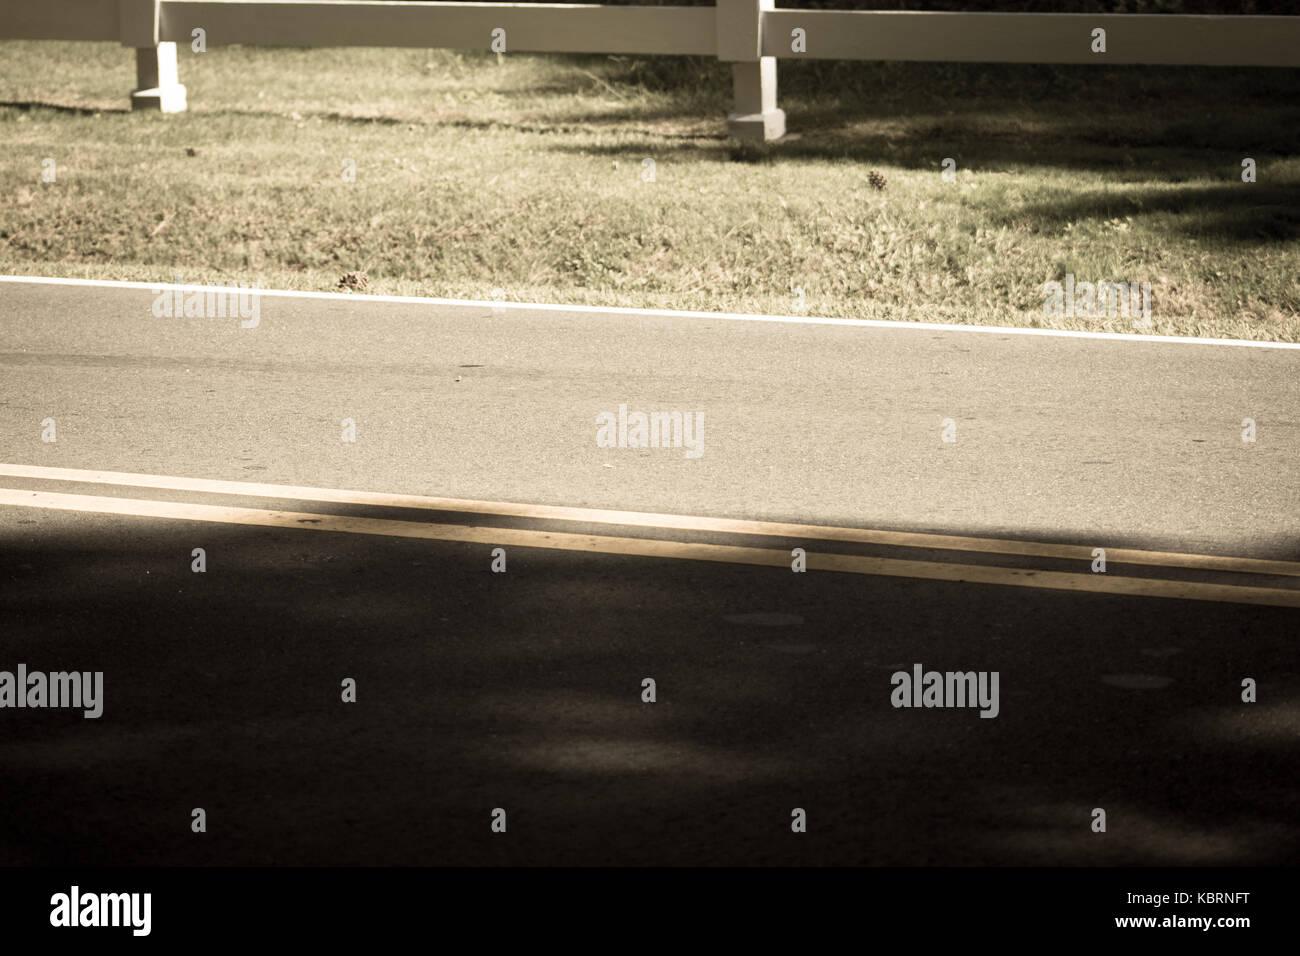 Empty road - Stock Image